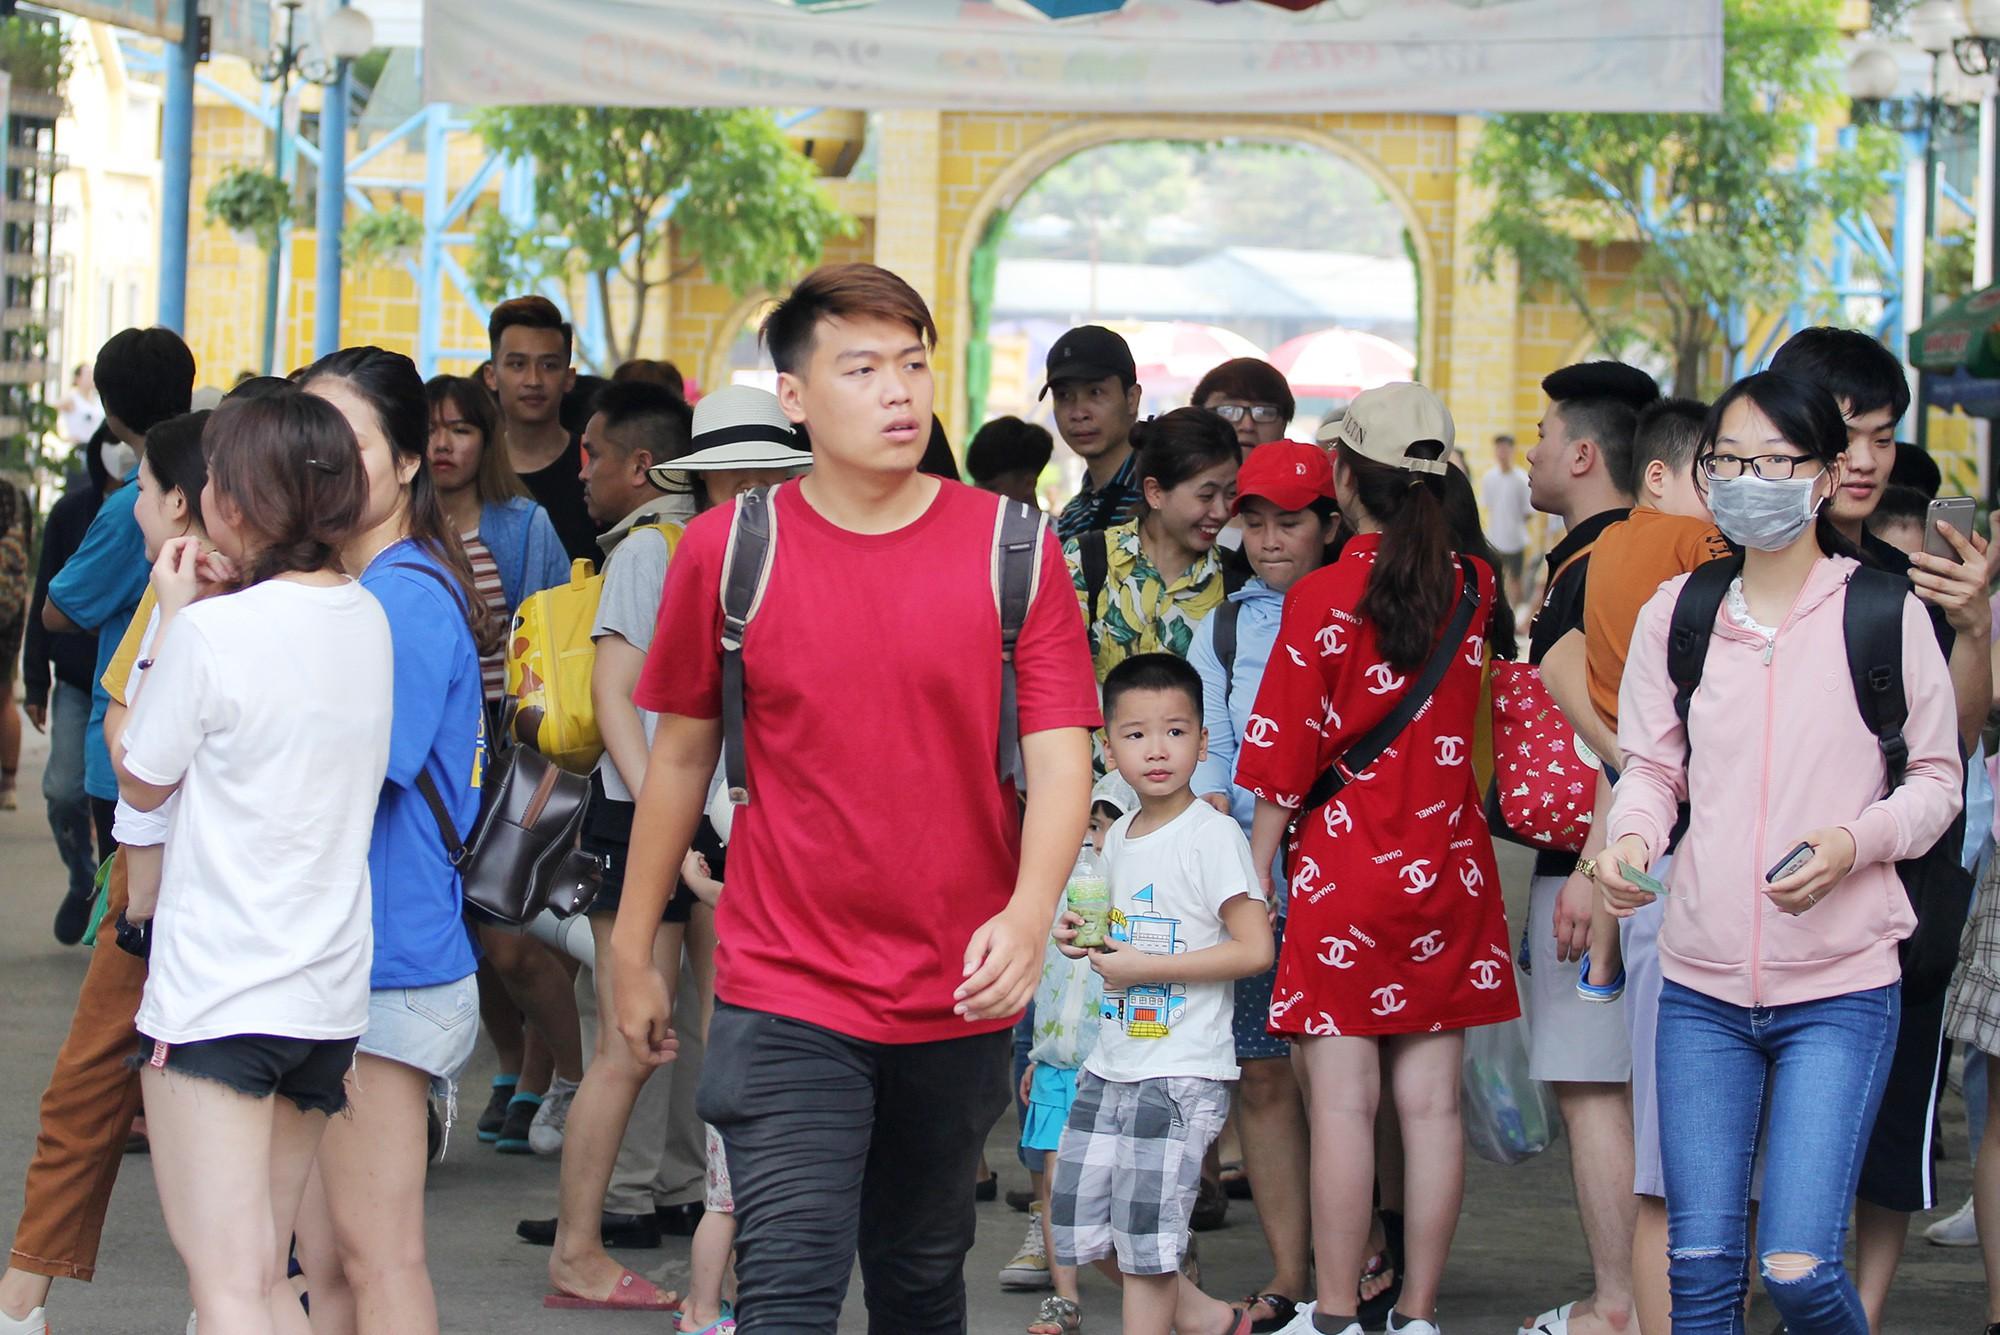 Hà Nội: Gần 1 vạn người đổ về công viên Hồ Tây ngày cuối tuần - Ảnh 2.